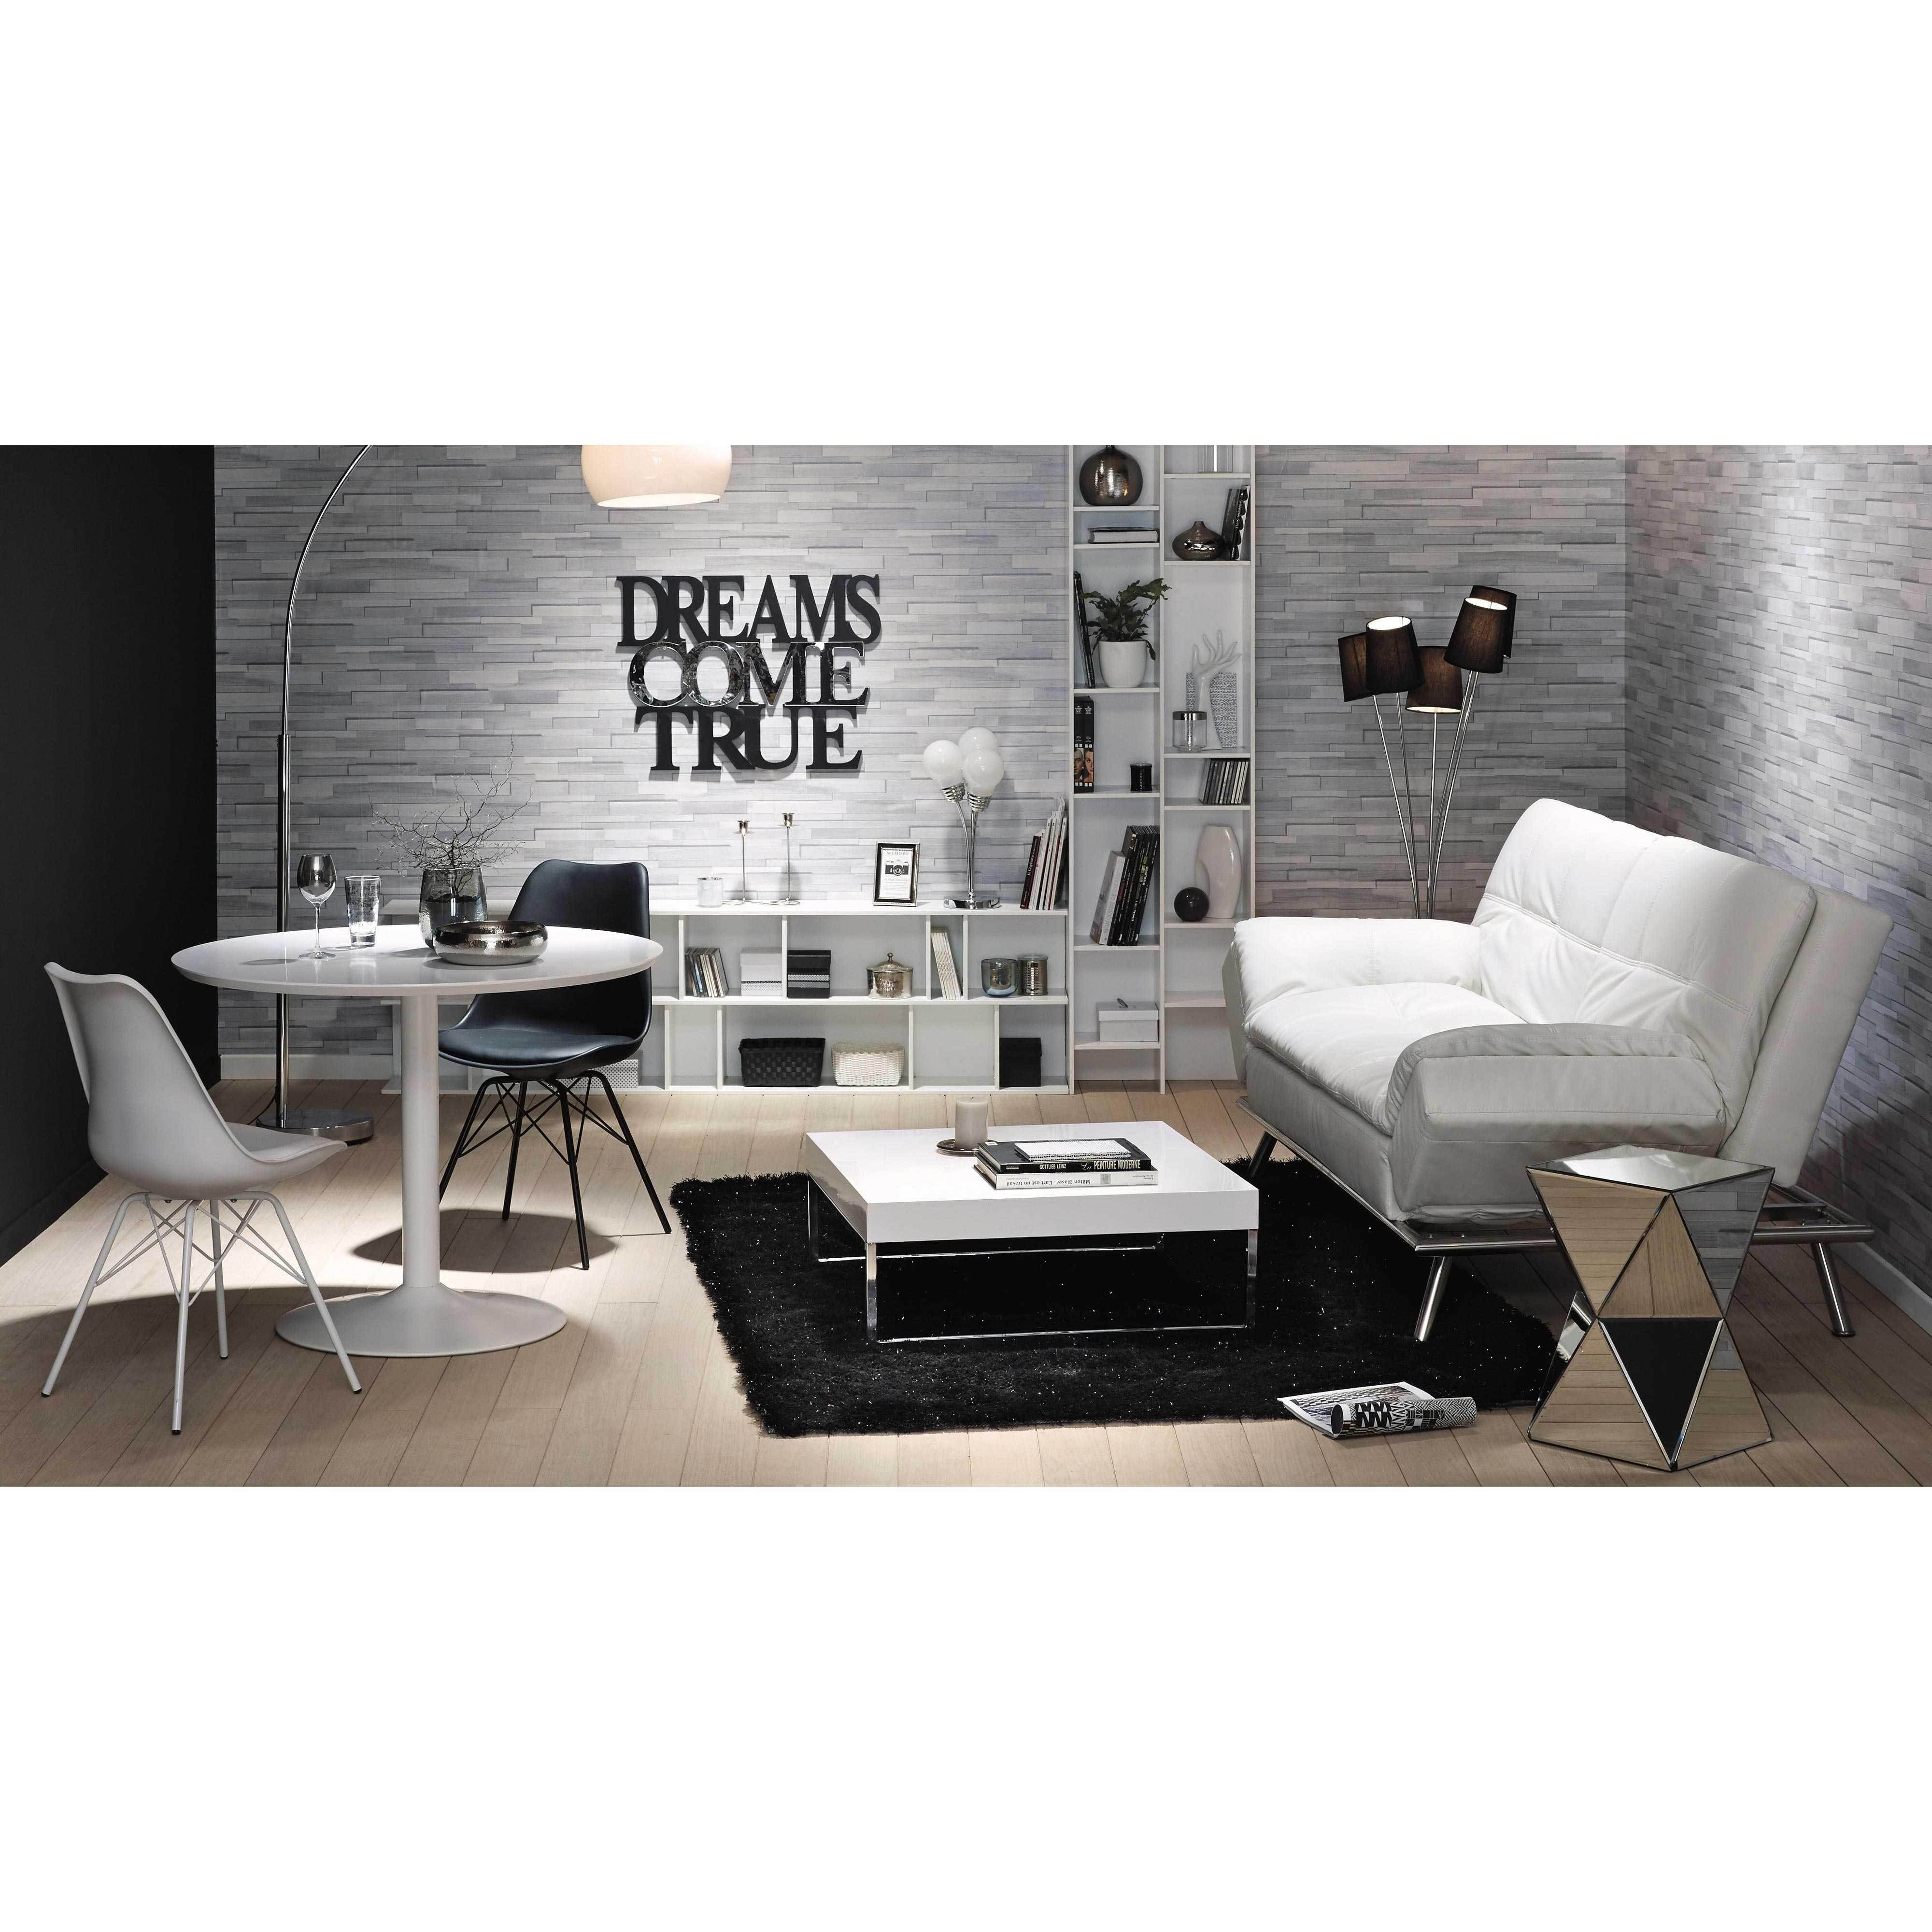 0d08c9e4642b2835403e7b1cd31cc861 Impressionnant De Pieds Pour Table Basse Concept